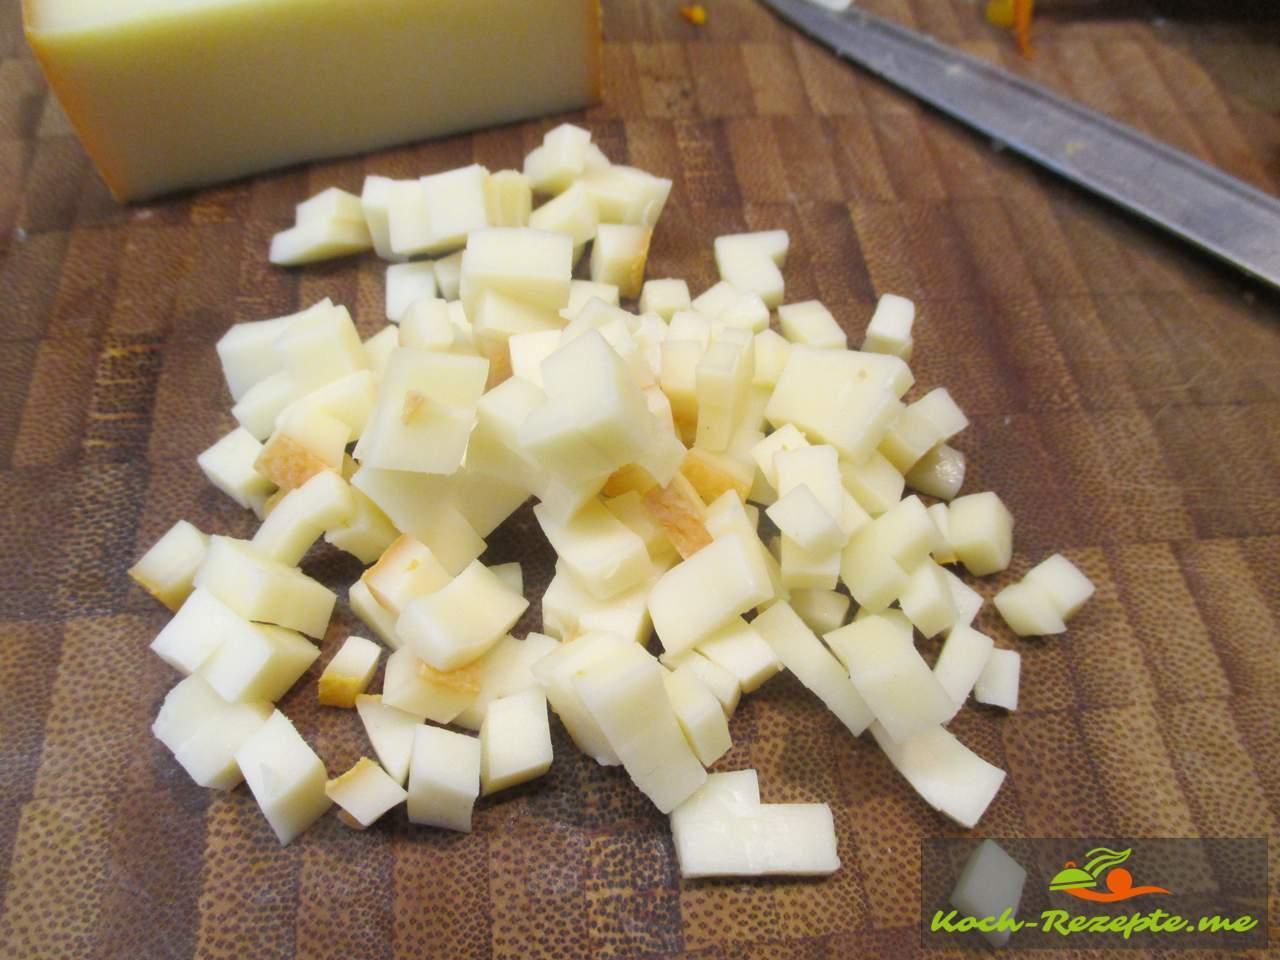 Schnapsveredelten Käse vom Käsemeister Halbach in Würfel schneiden